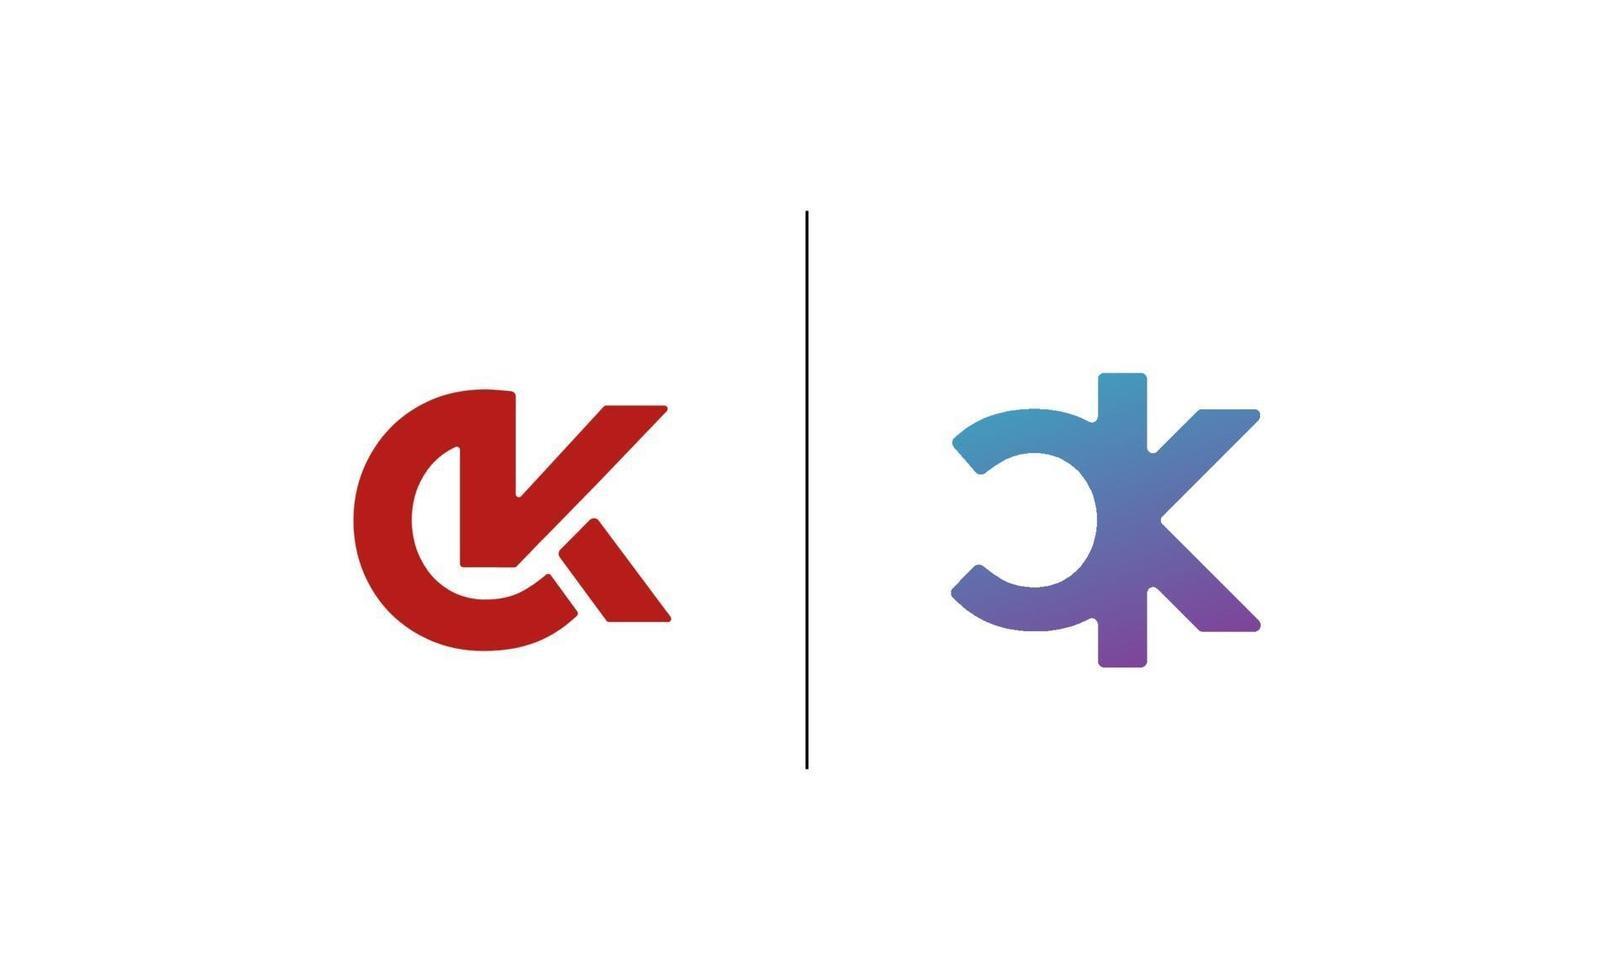 eerste ck, kc logo ontwerpsjabloon vector